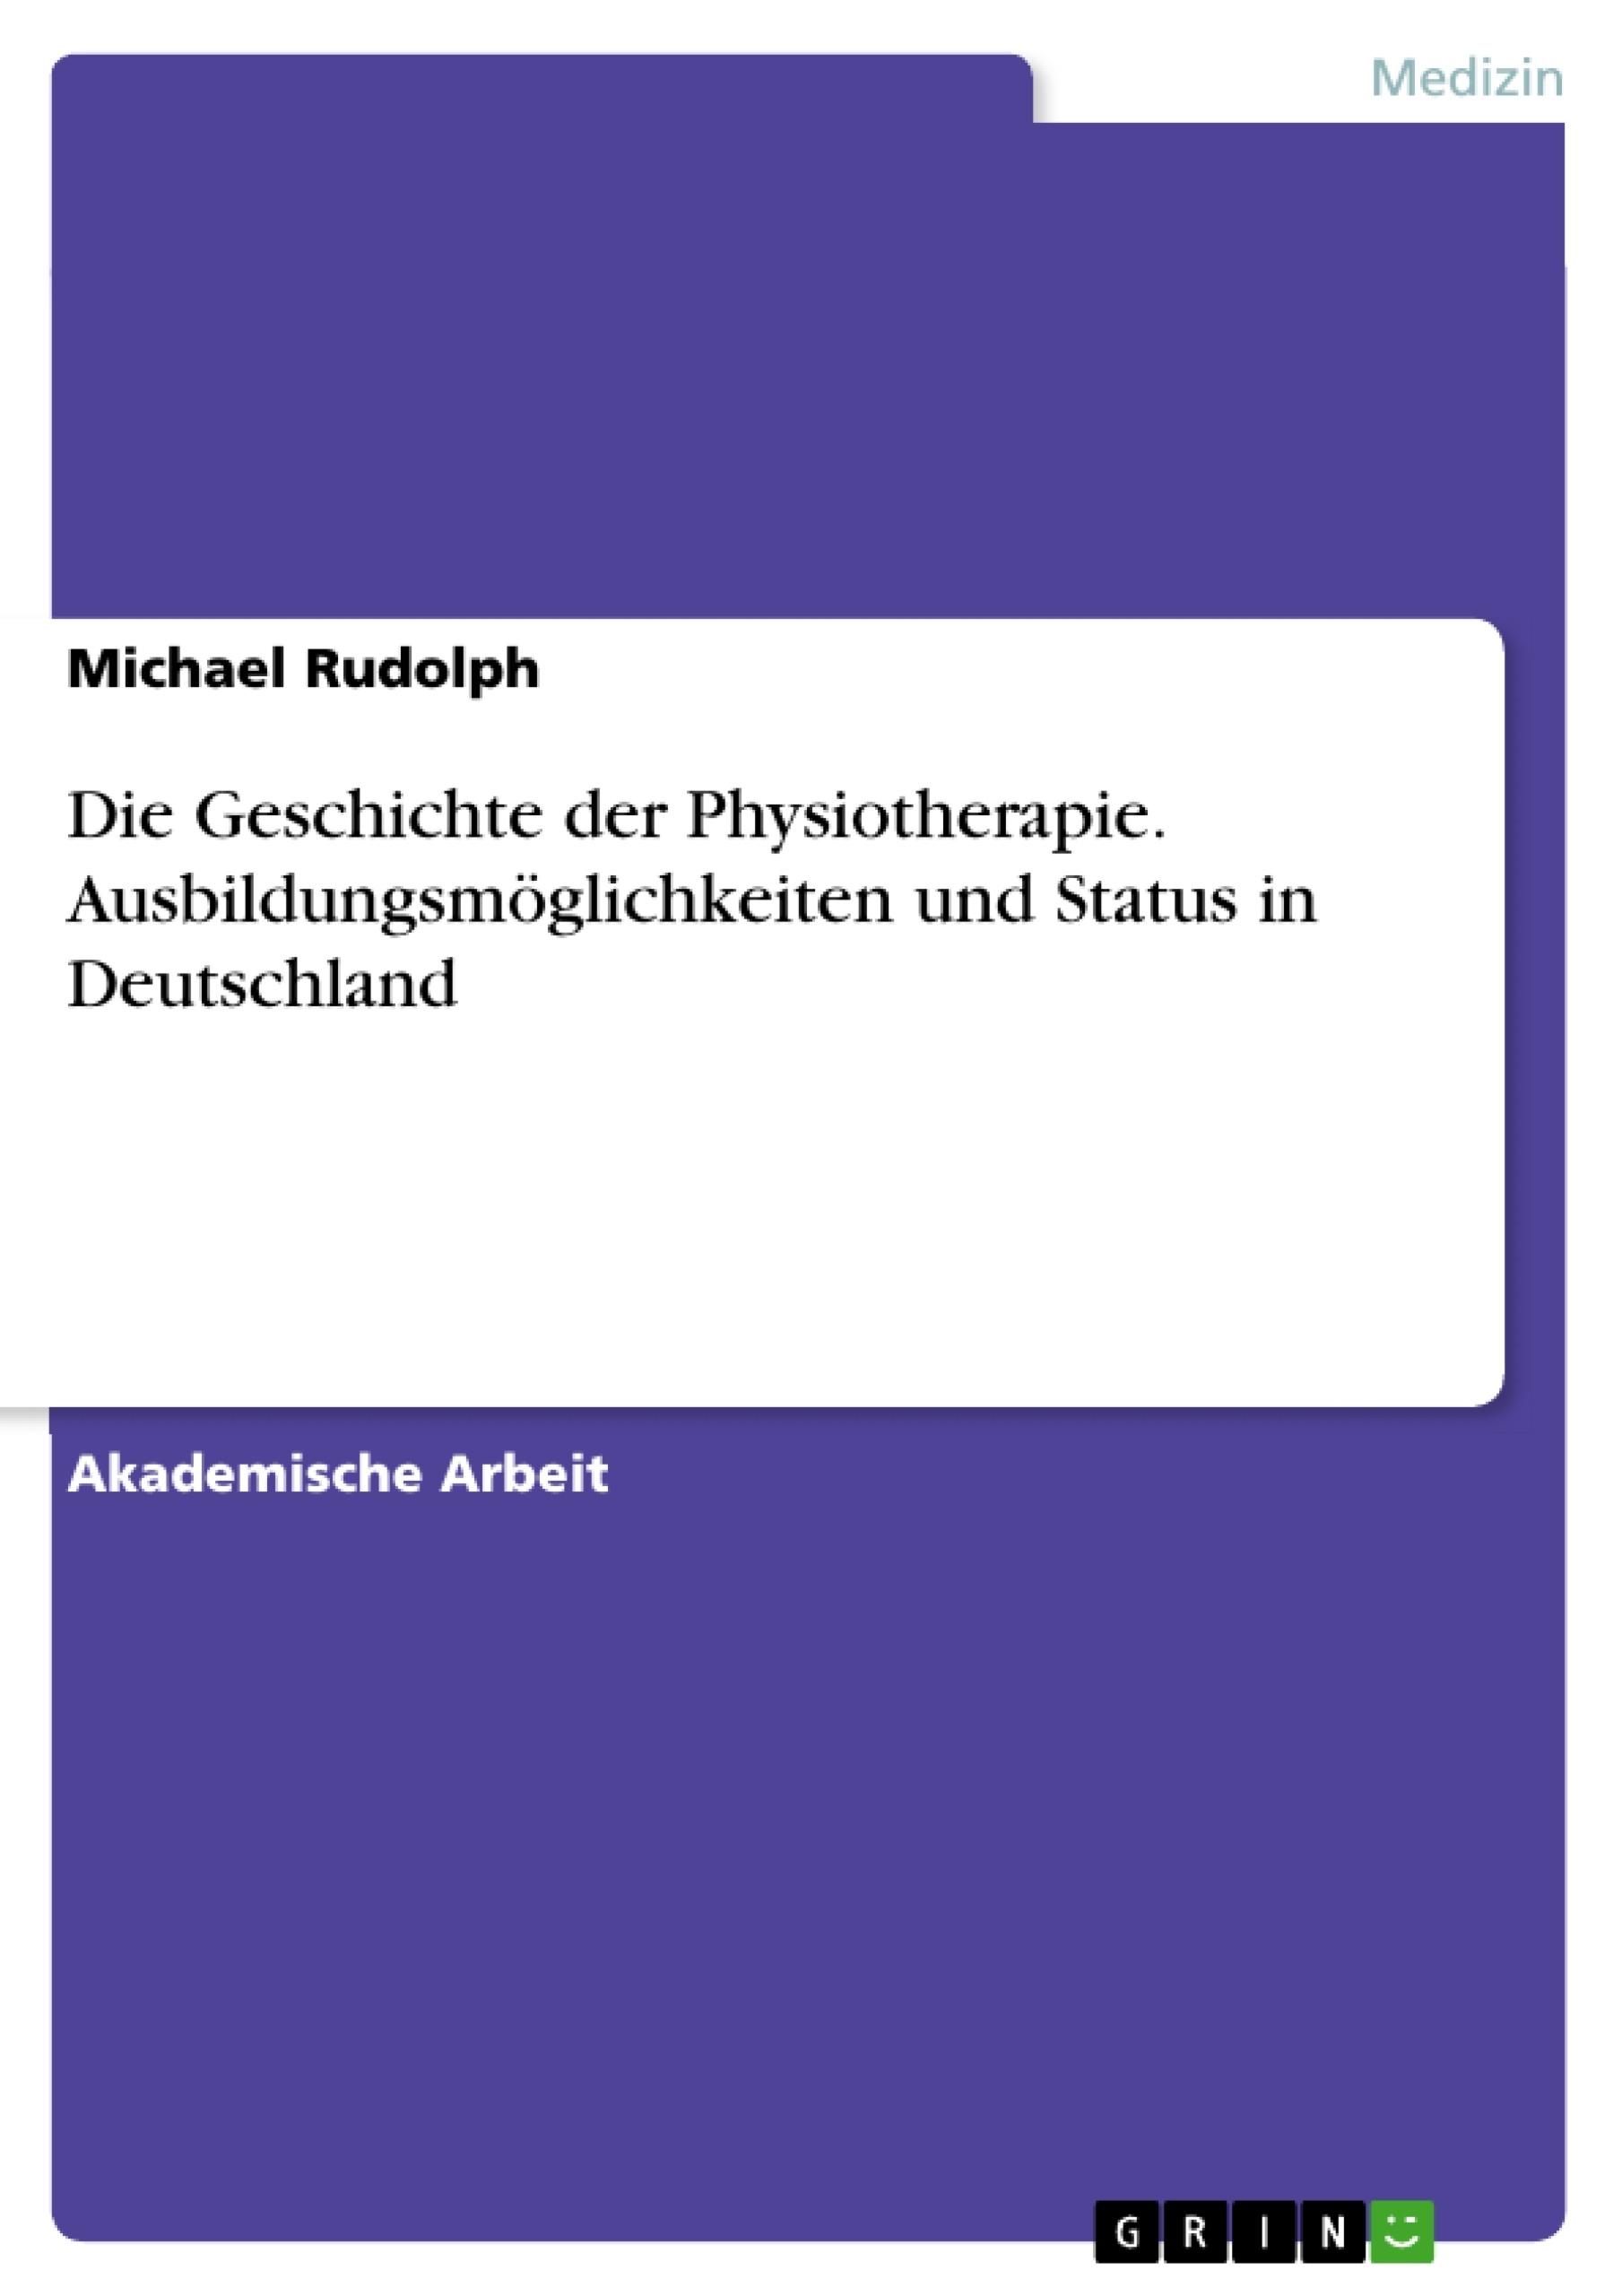 Titel: Die Geschichte der Physiotherapie. Ausbildungsmöglichkeiten und Status in Deutschland